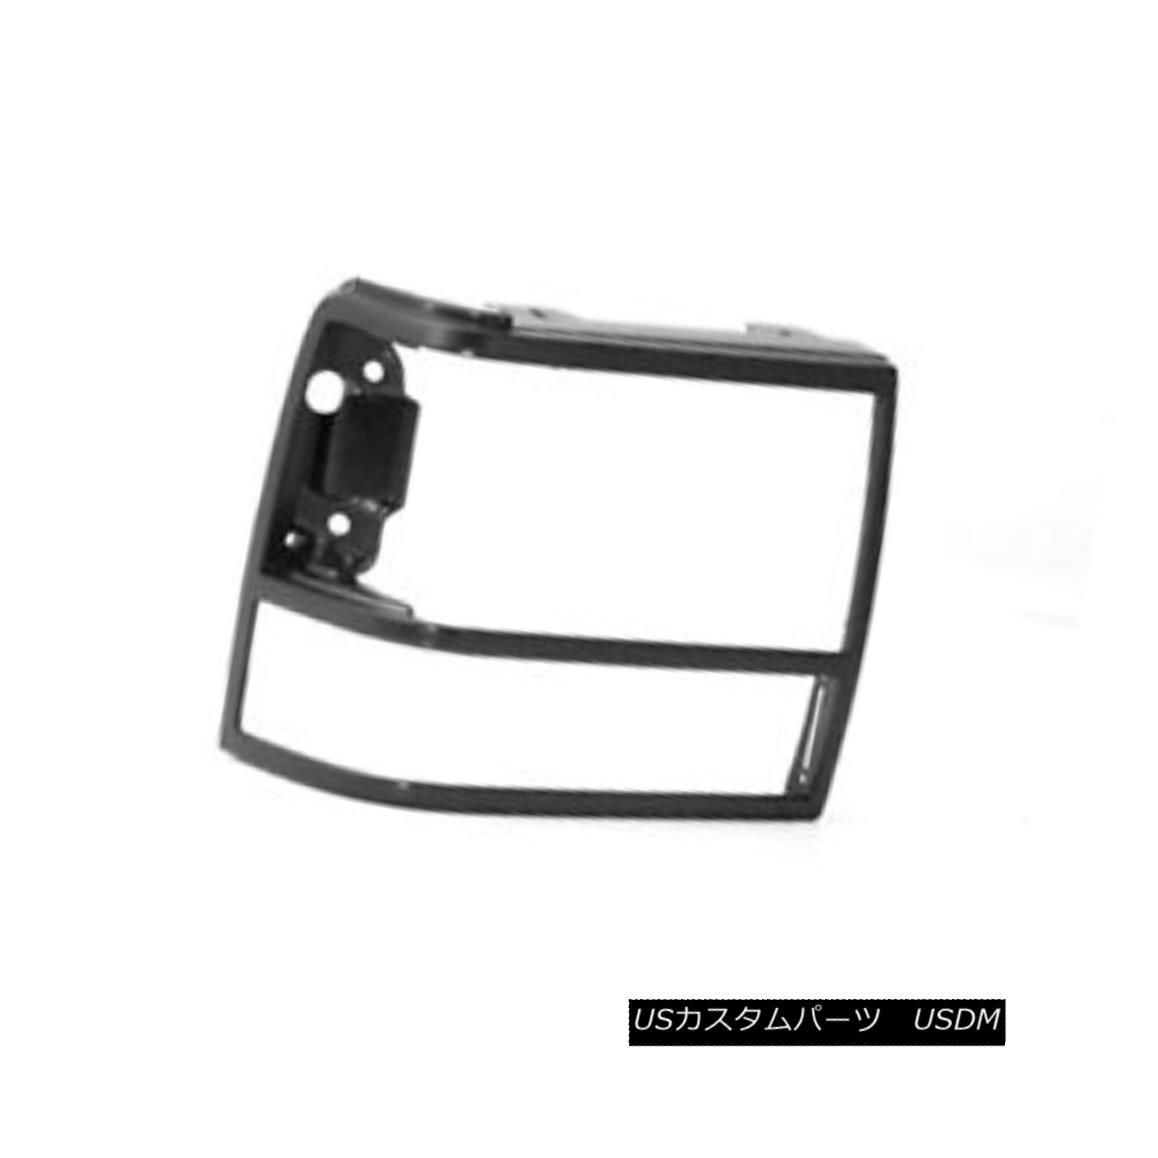 グリル New Replacement Headlight Door Black Passenger Side without GT 630-00924BR GT 630-00924BRなしの新しい交換ヘッドライトドア黒の旅客側